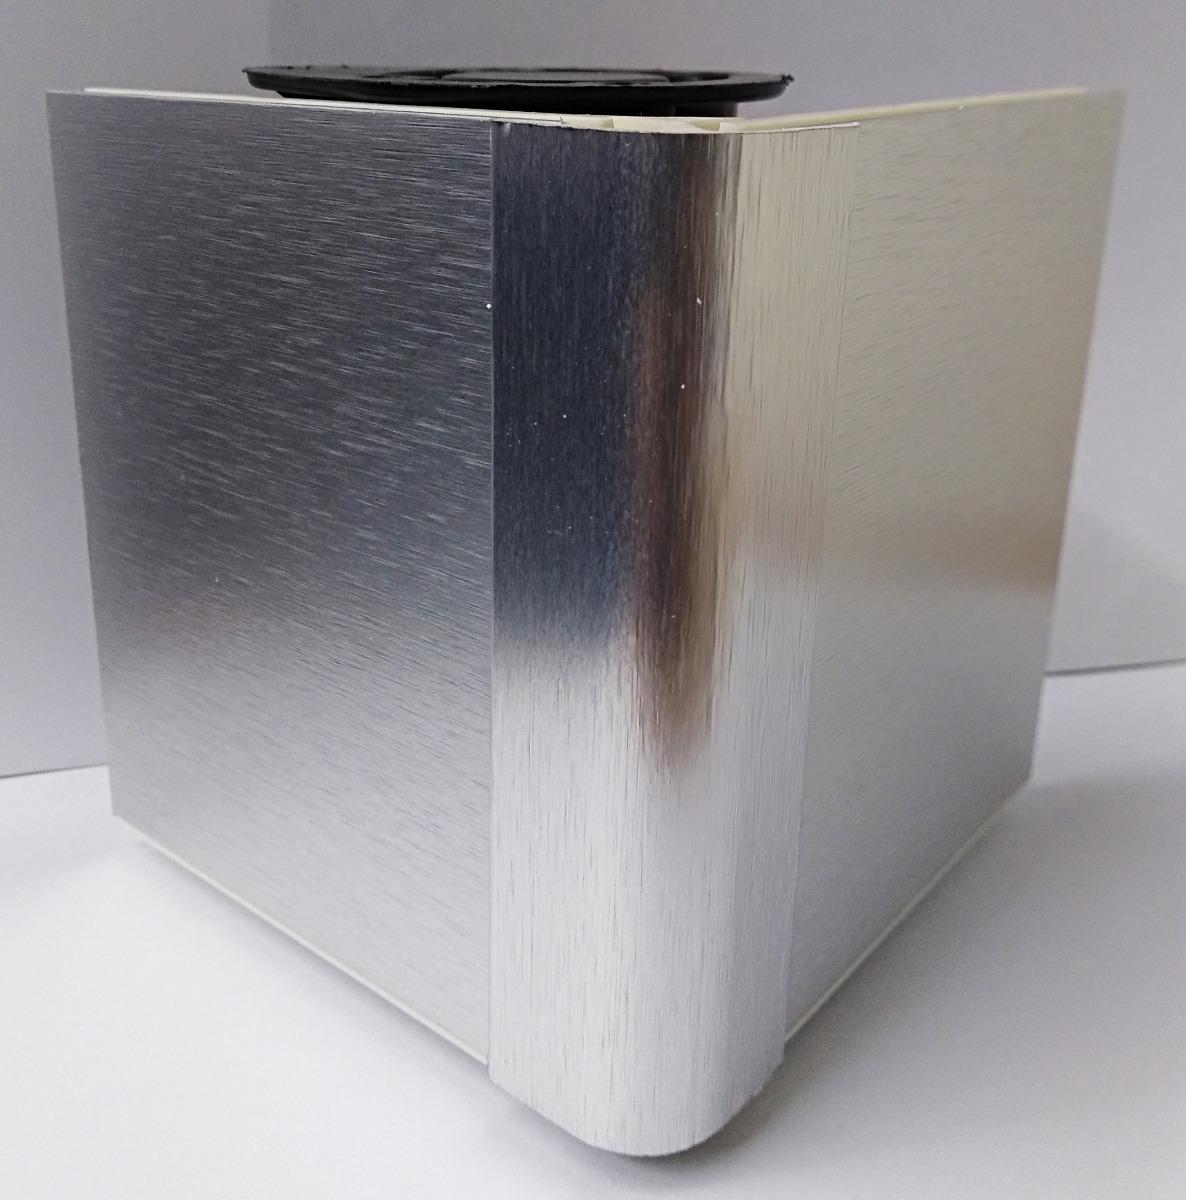 Zocalo Para Mueble De Cocina De Pvc Con Aluminio 12cm 18 948